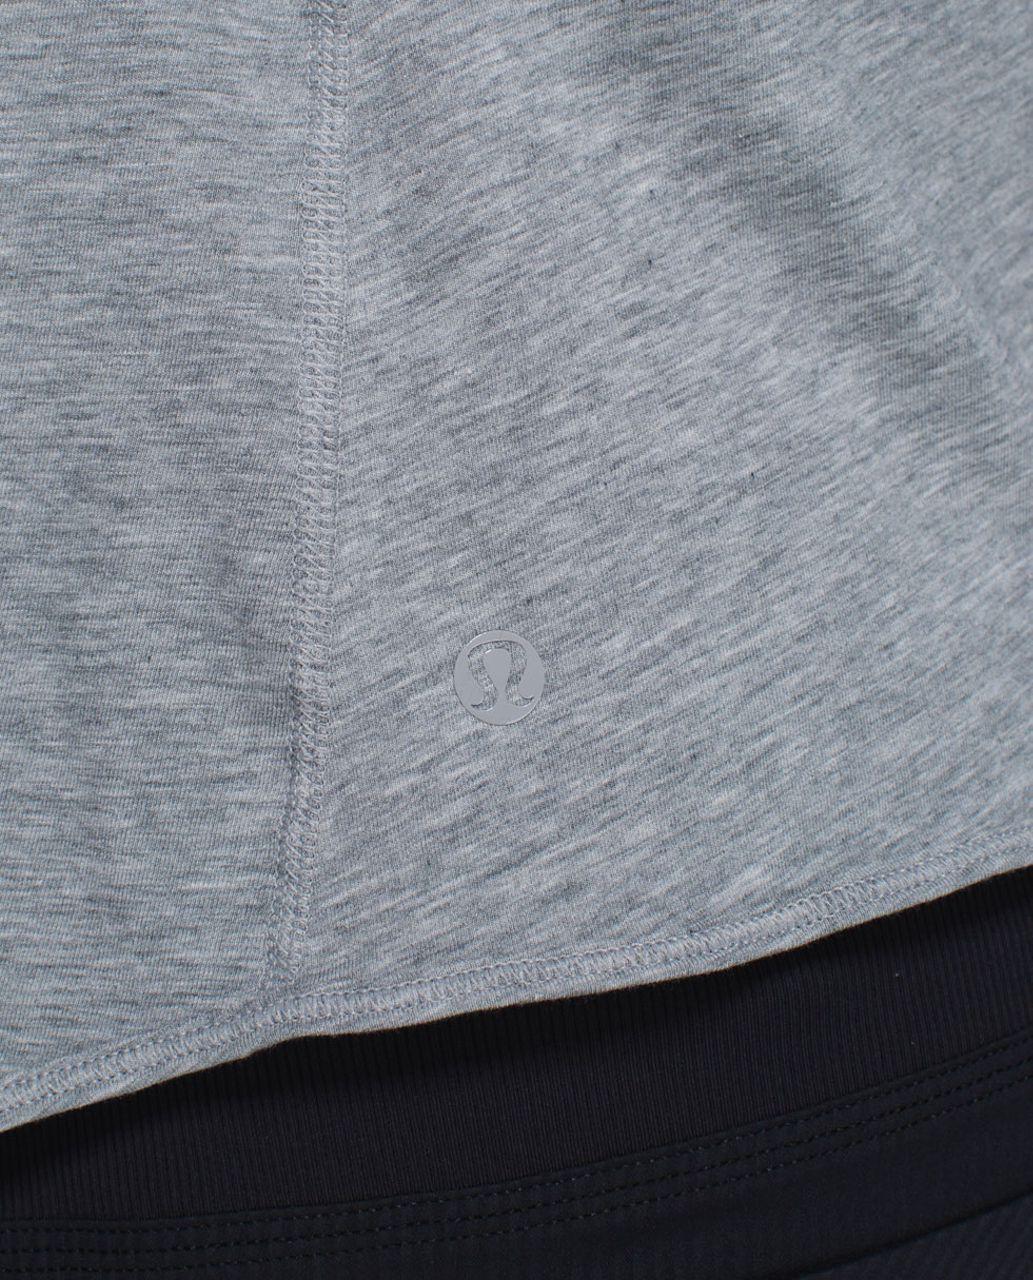 Lululemon Twist & Turn Tank - Heathered Medium Grey / Toothpaste